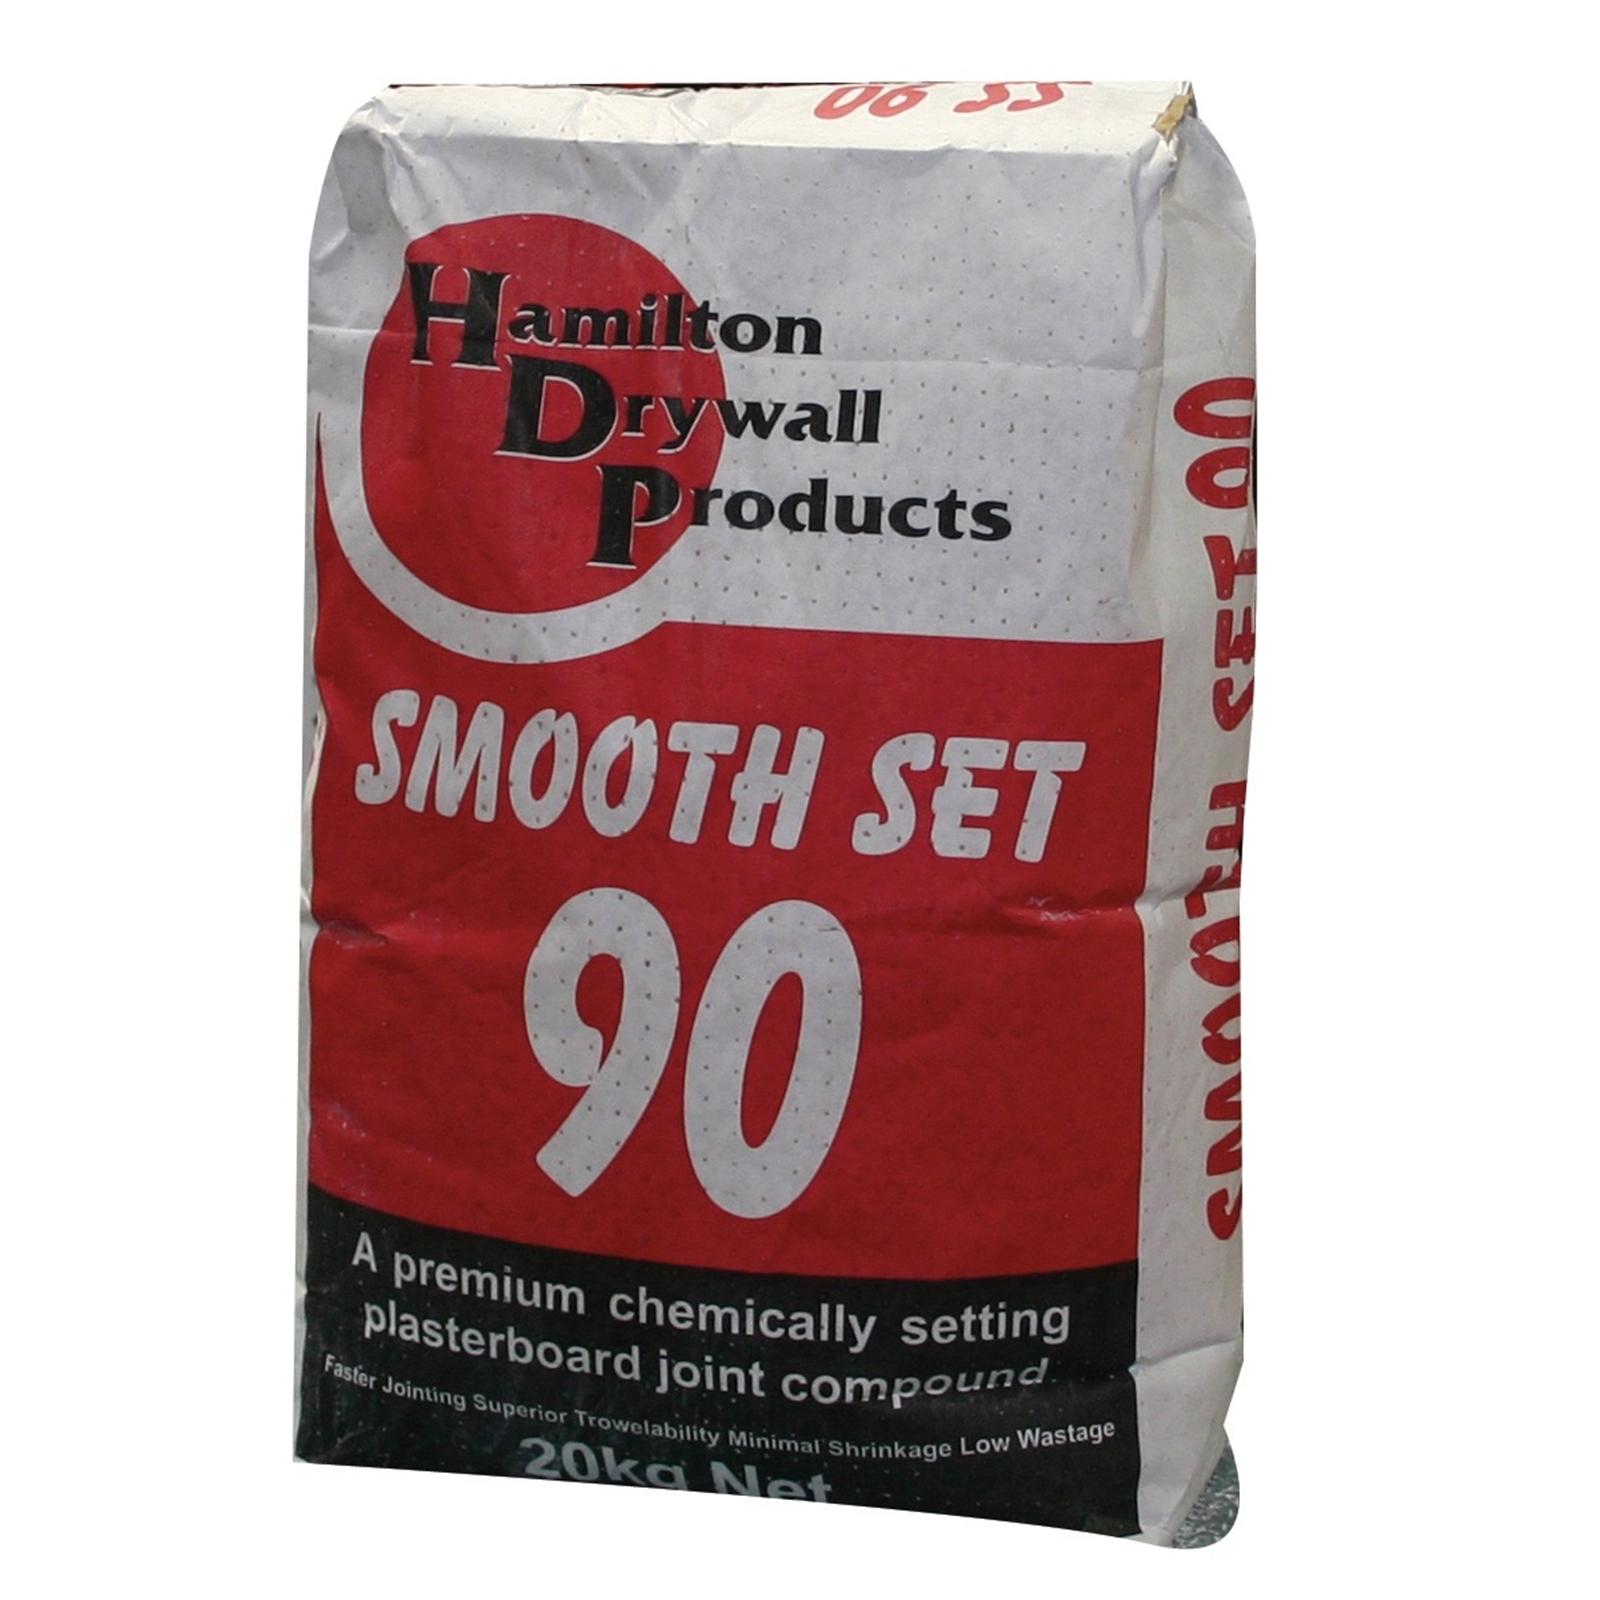 Hamilton 20kg 90mins Smooth Set Mix